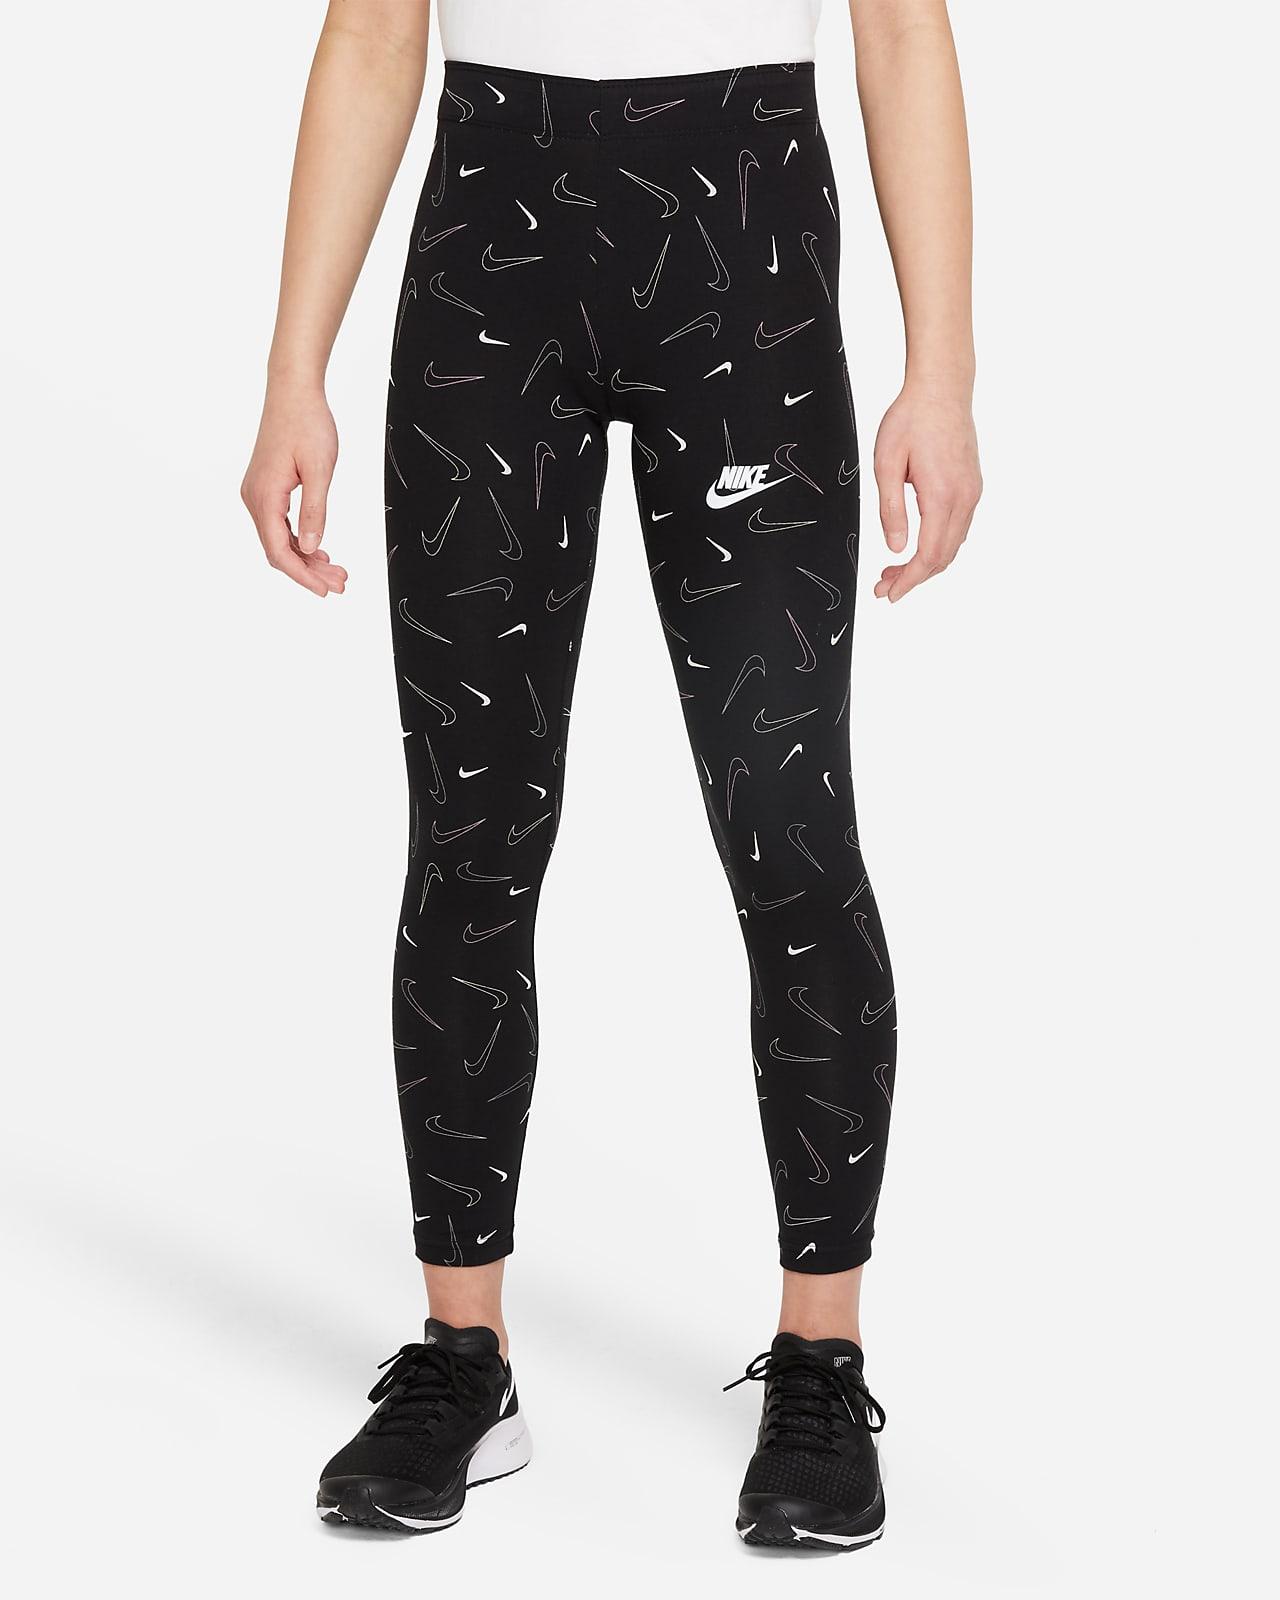 เลกกิ้งพิมพ์ลายเด็กโต Nike Sportswear Favorites (หญิง)